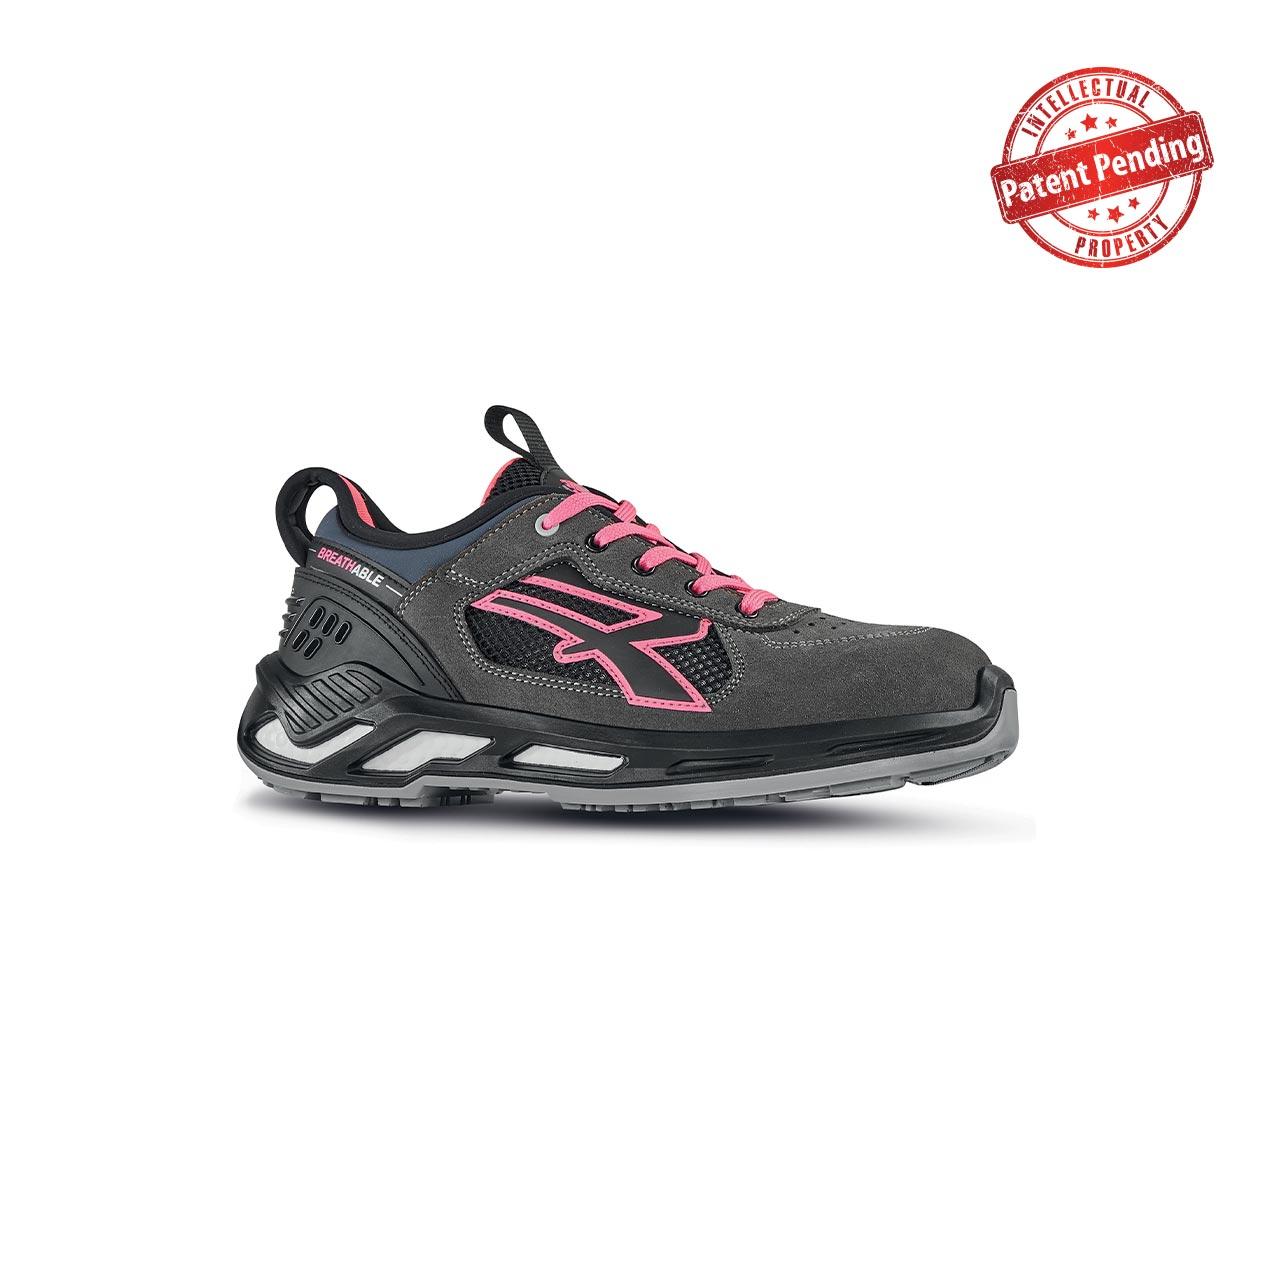 scarpa antinfortunistica upower modello kate linea red360 vista laterale